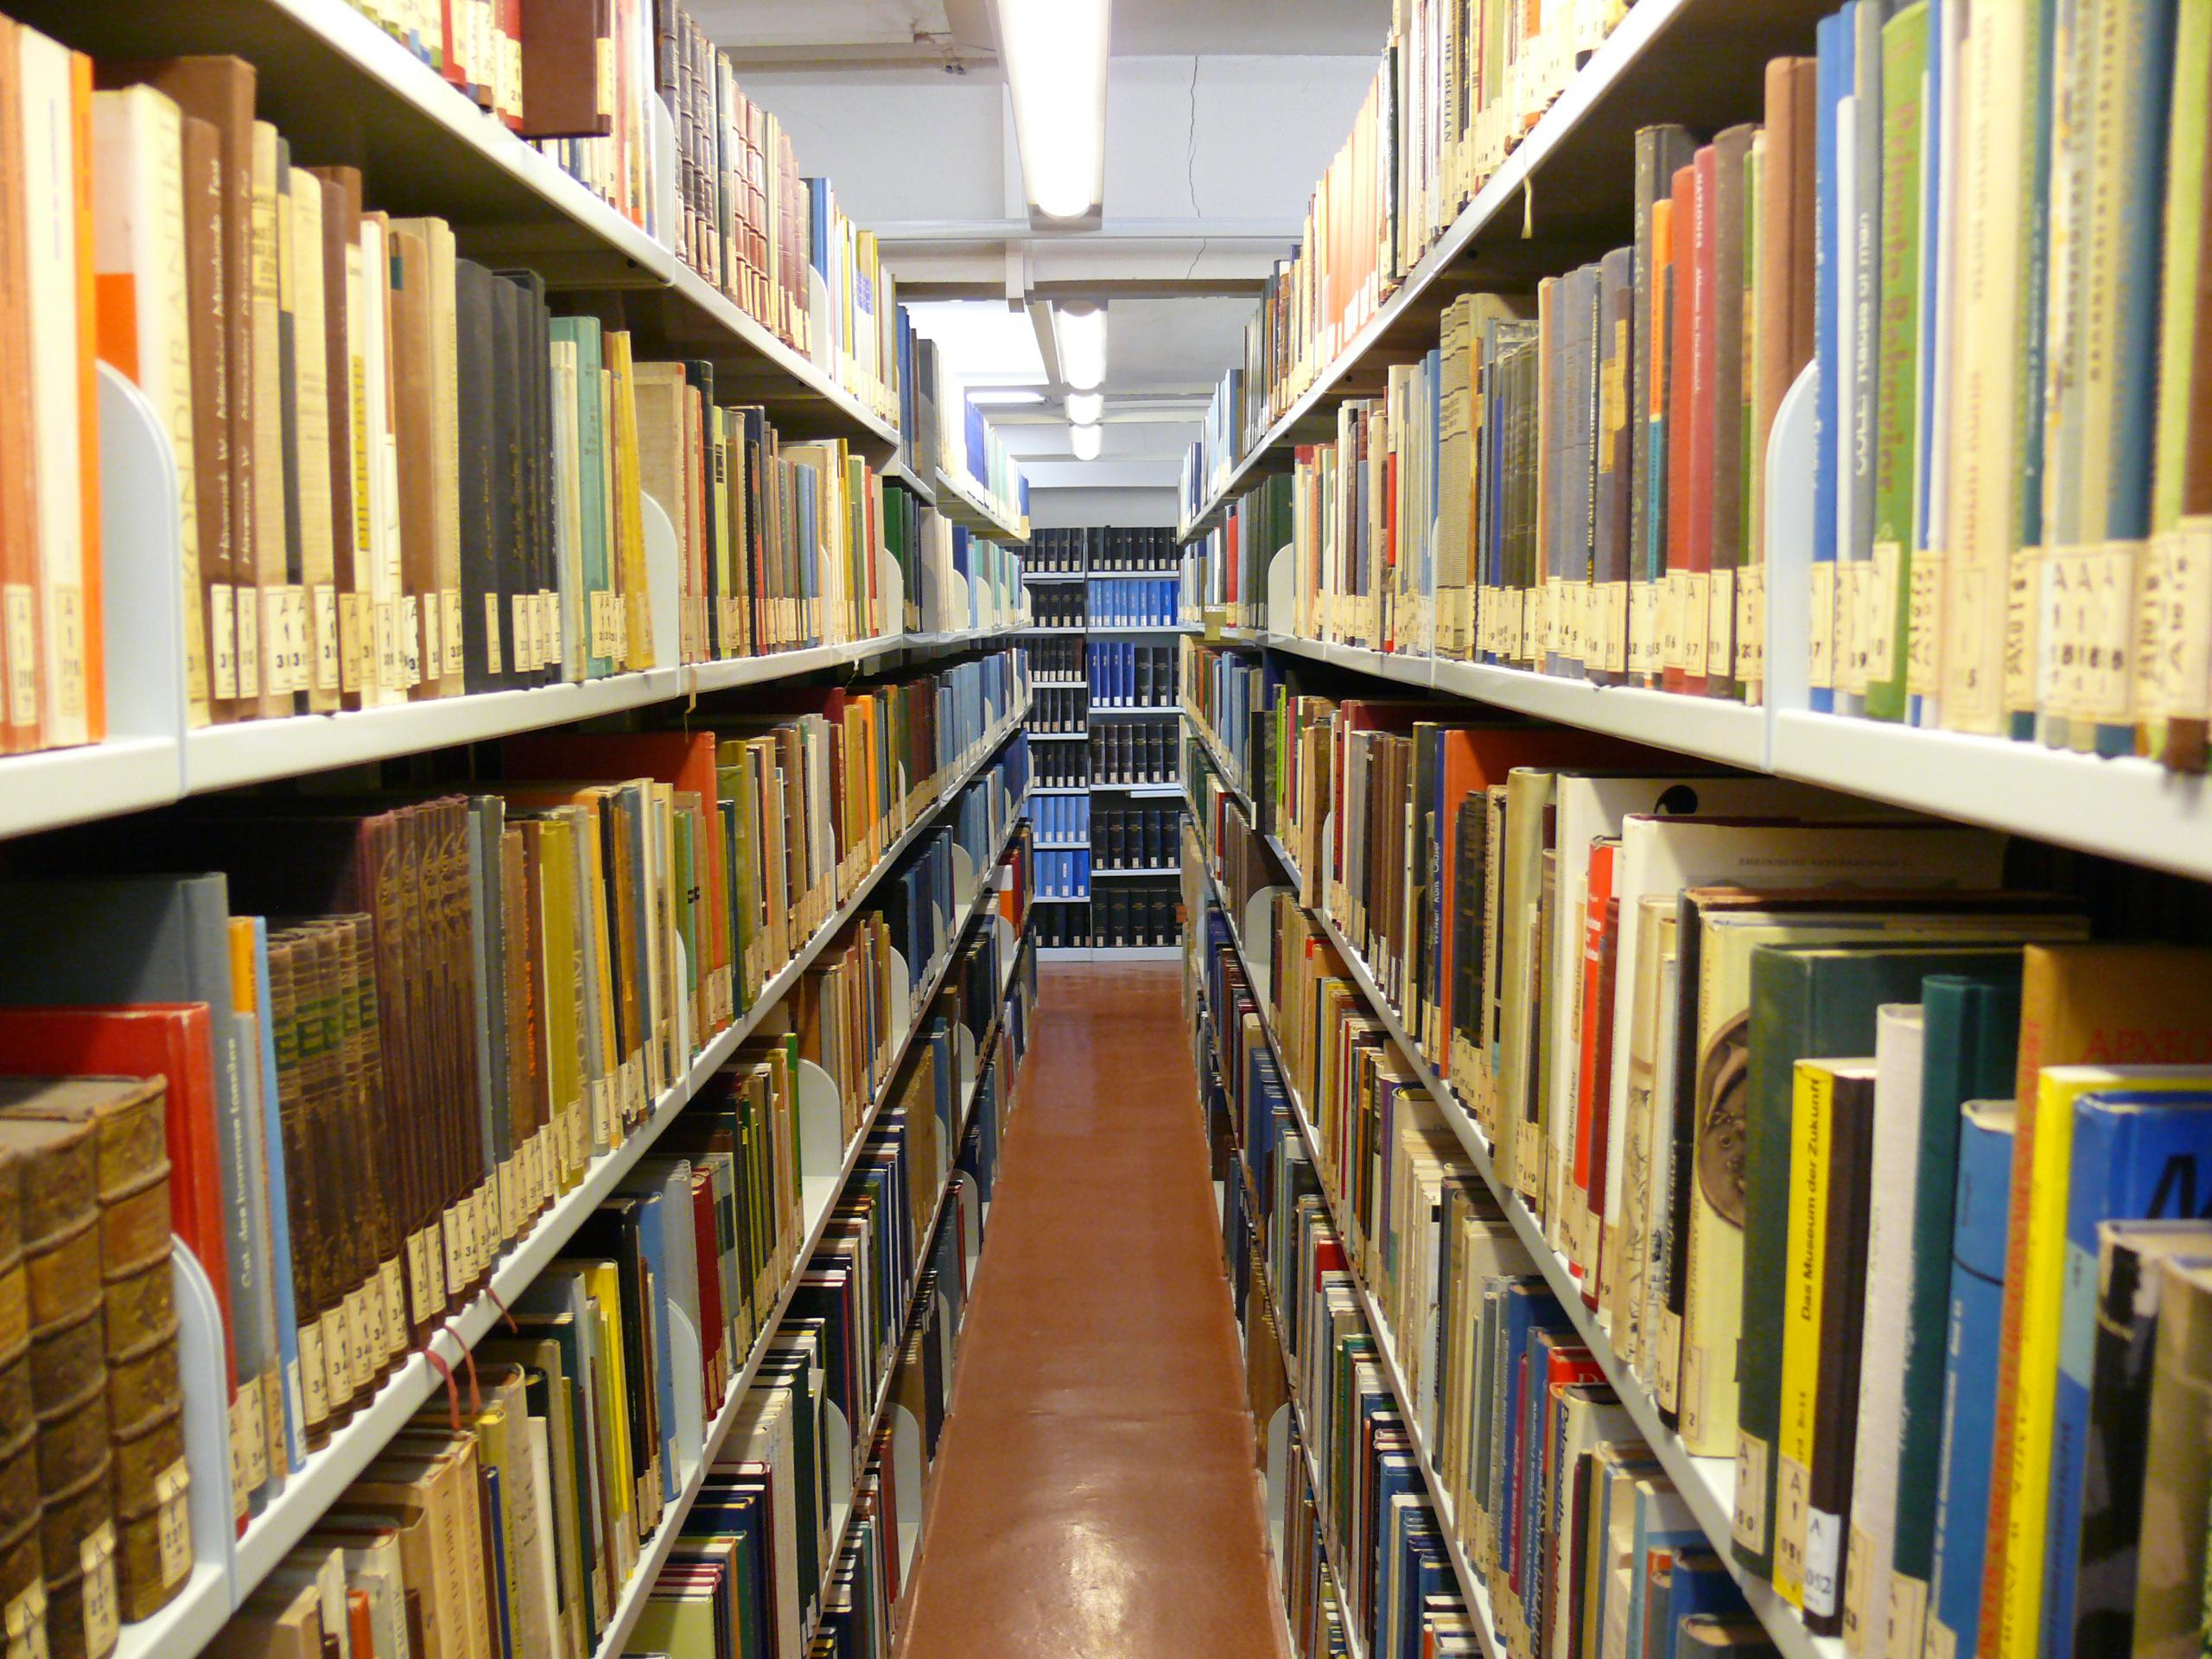 Blick durch zwei mit Büchern vollgestellten Regalreihen in der Bibliothek